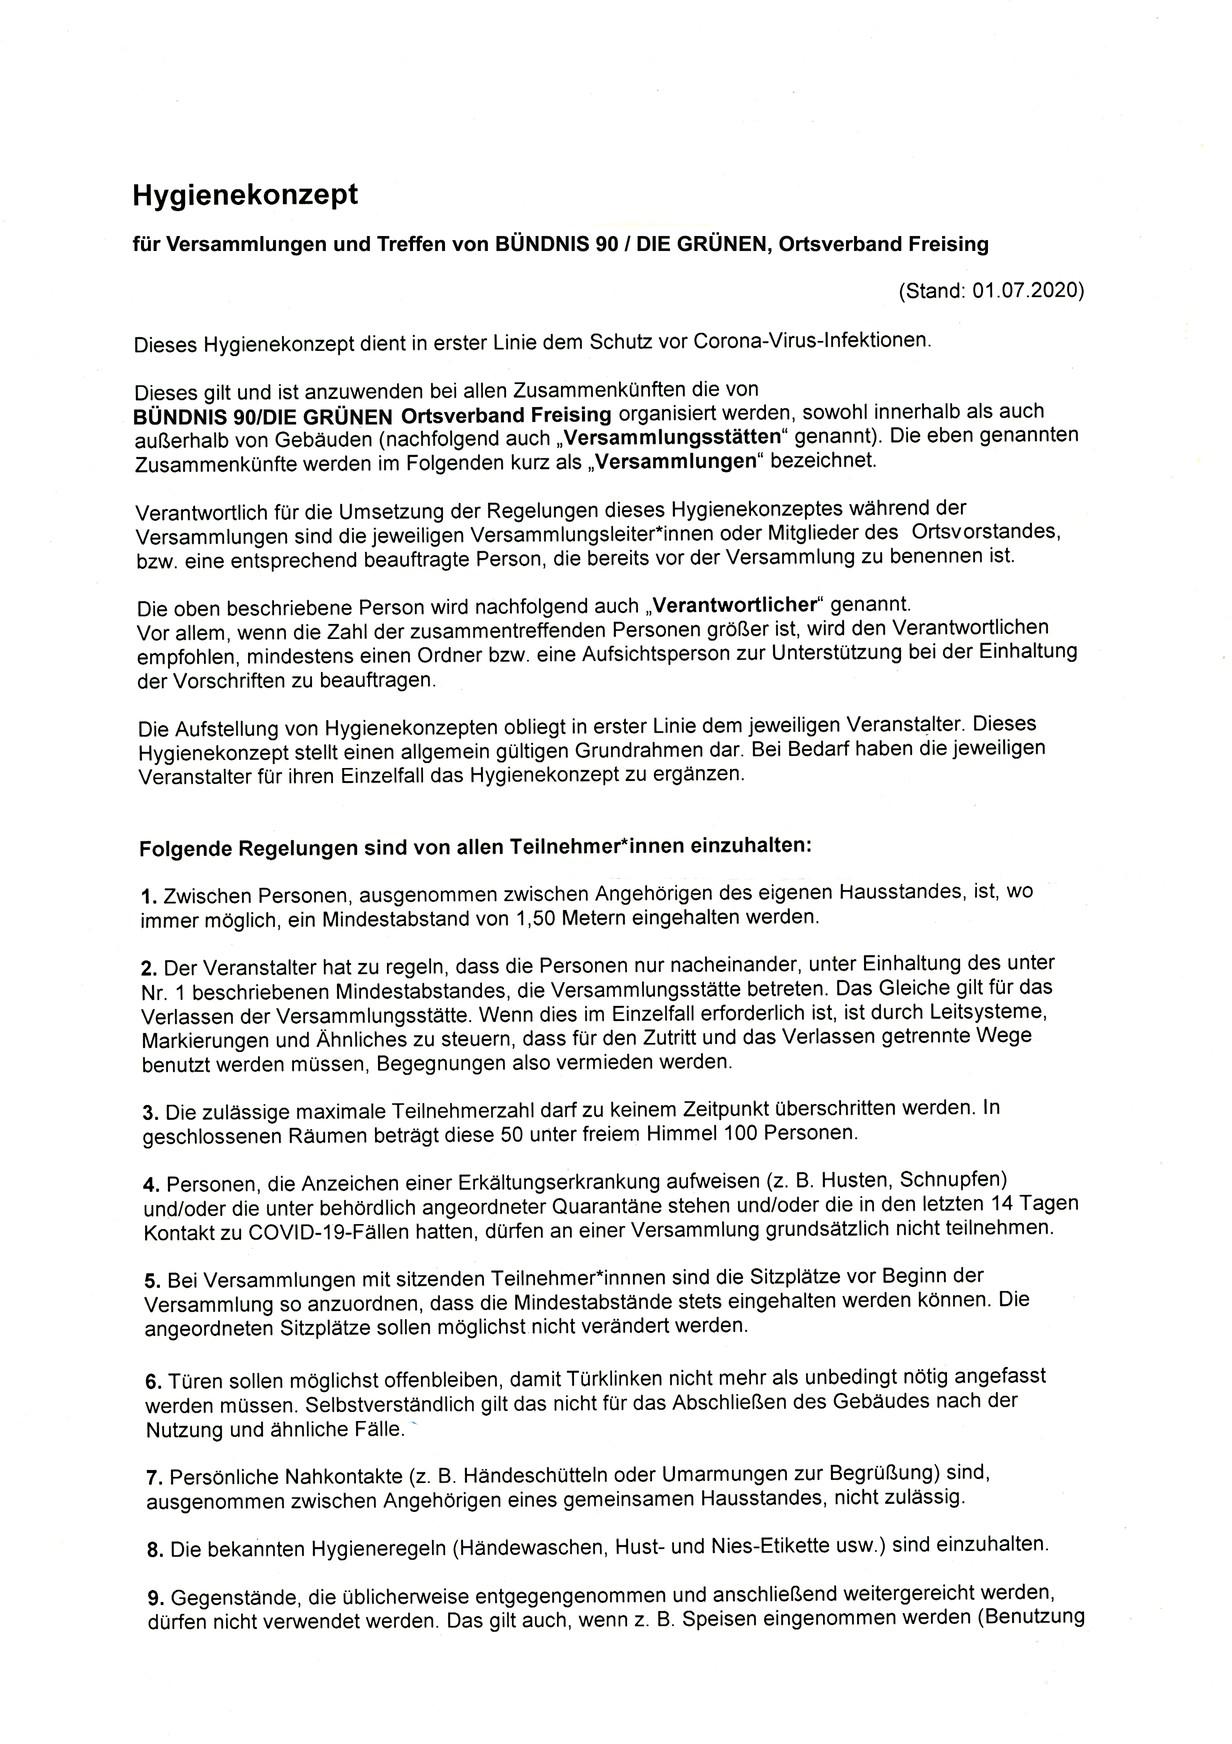 Hygienekonzept-OV-Freising-Seite-1von2